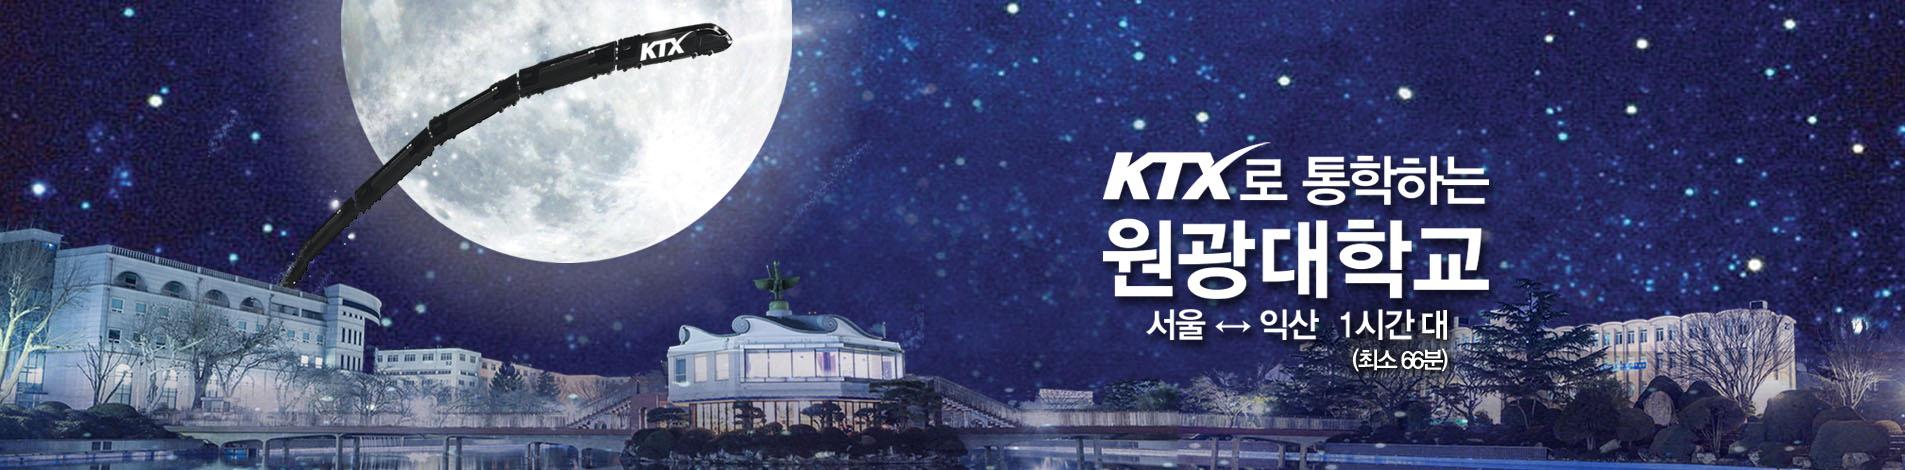 KTX로 통학하는 원광대학교 서울-익산 1시간대(최소 66분)